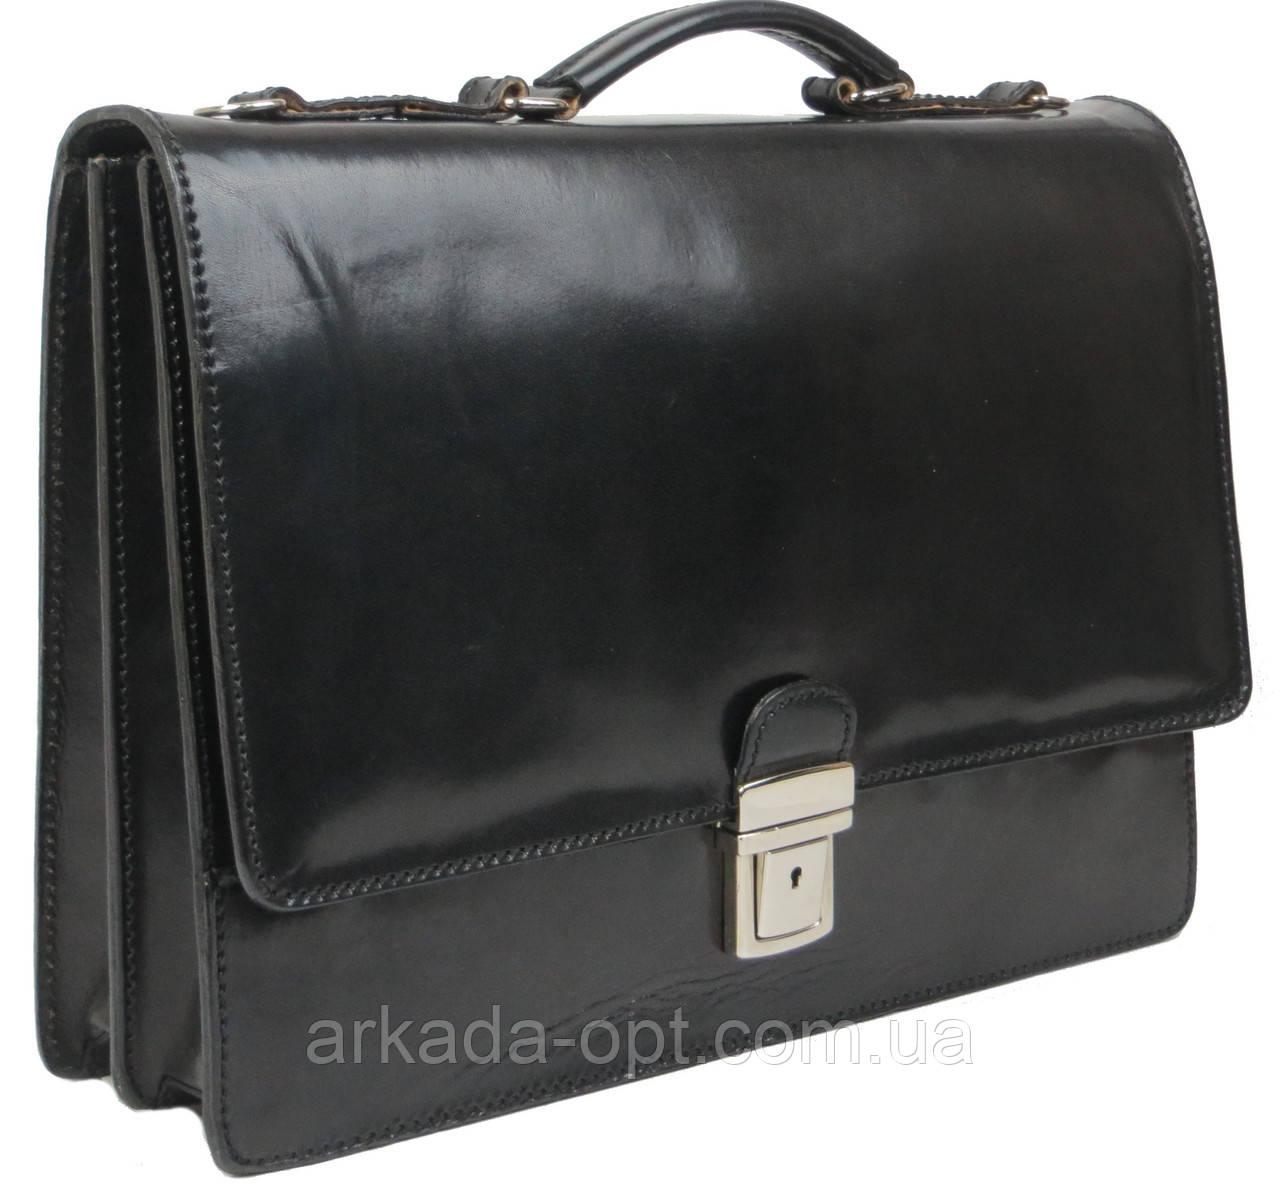 Мужской портфель из натуральной кожи TOMSKOR Черный (81573)